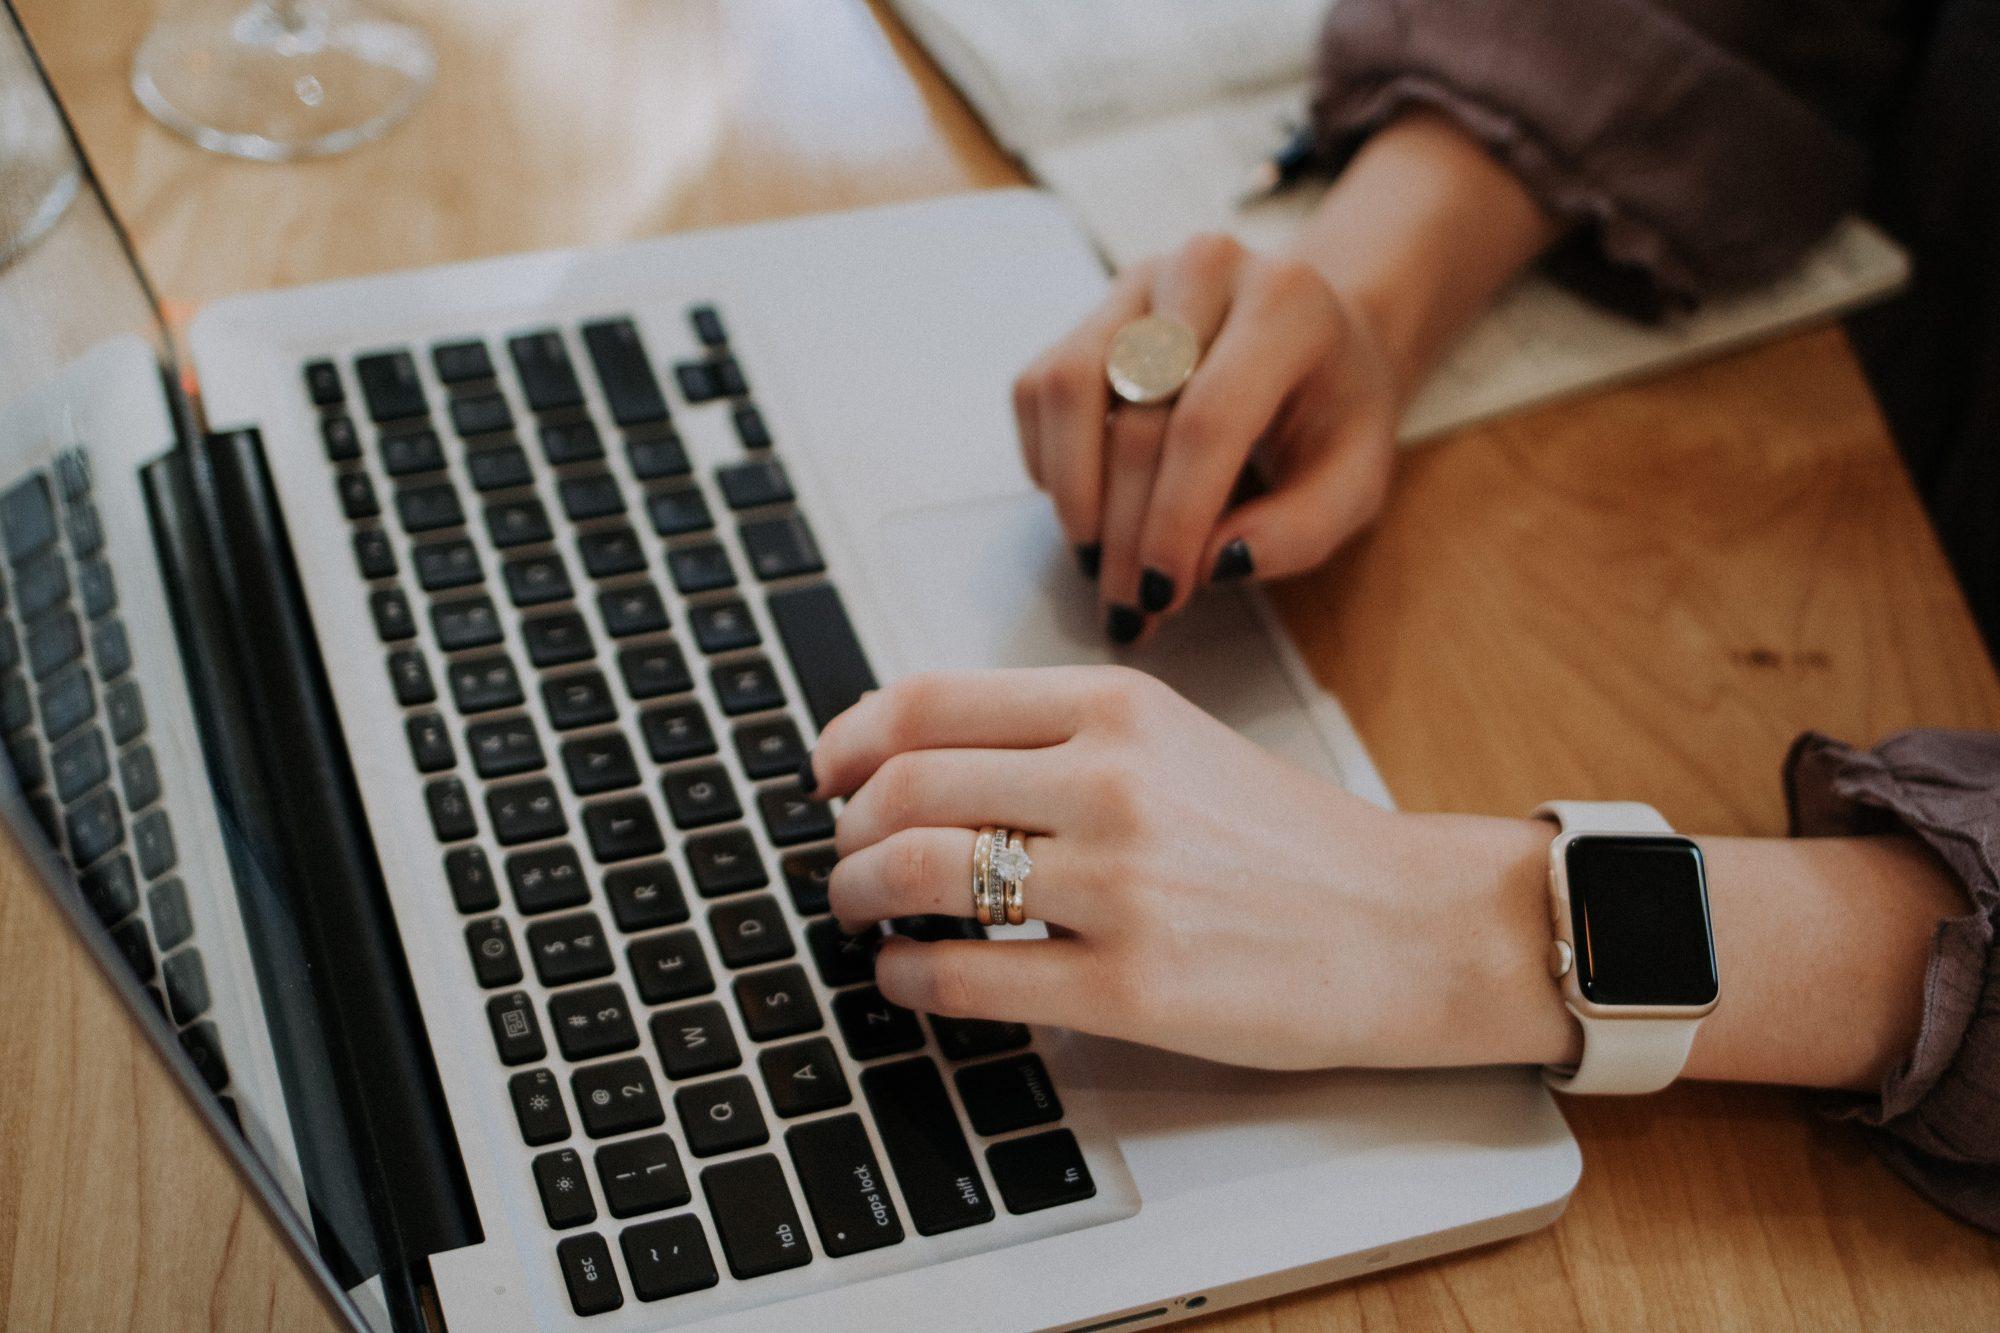 woman-typing-on-laptop-keyboard